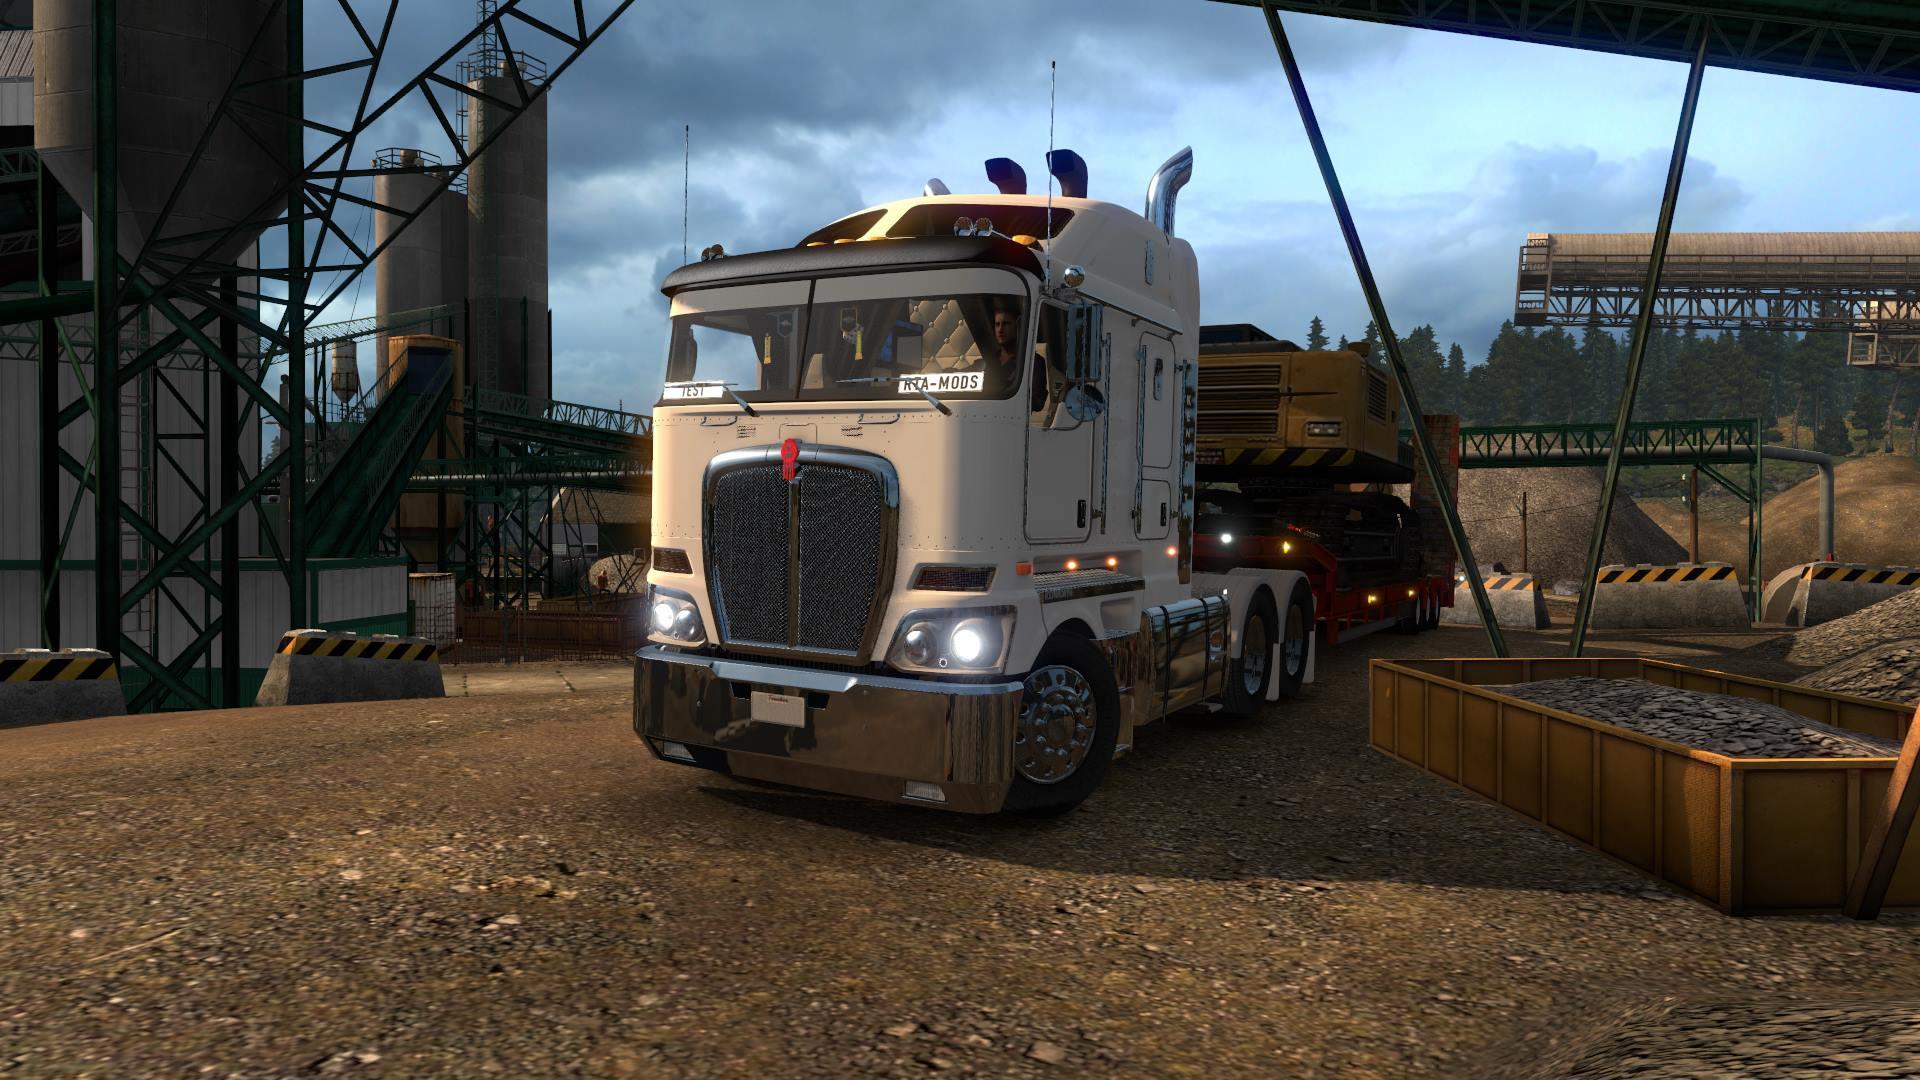 KENWORTH K200 V11.0 | ETS2 mods | Euro truck simulator 2 mods - ETS2MODS.LT